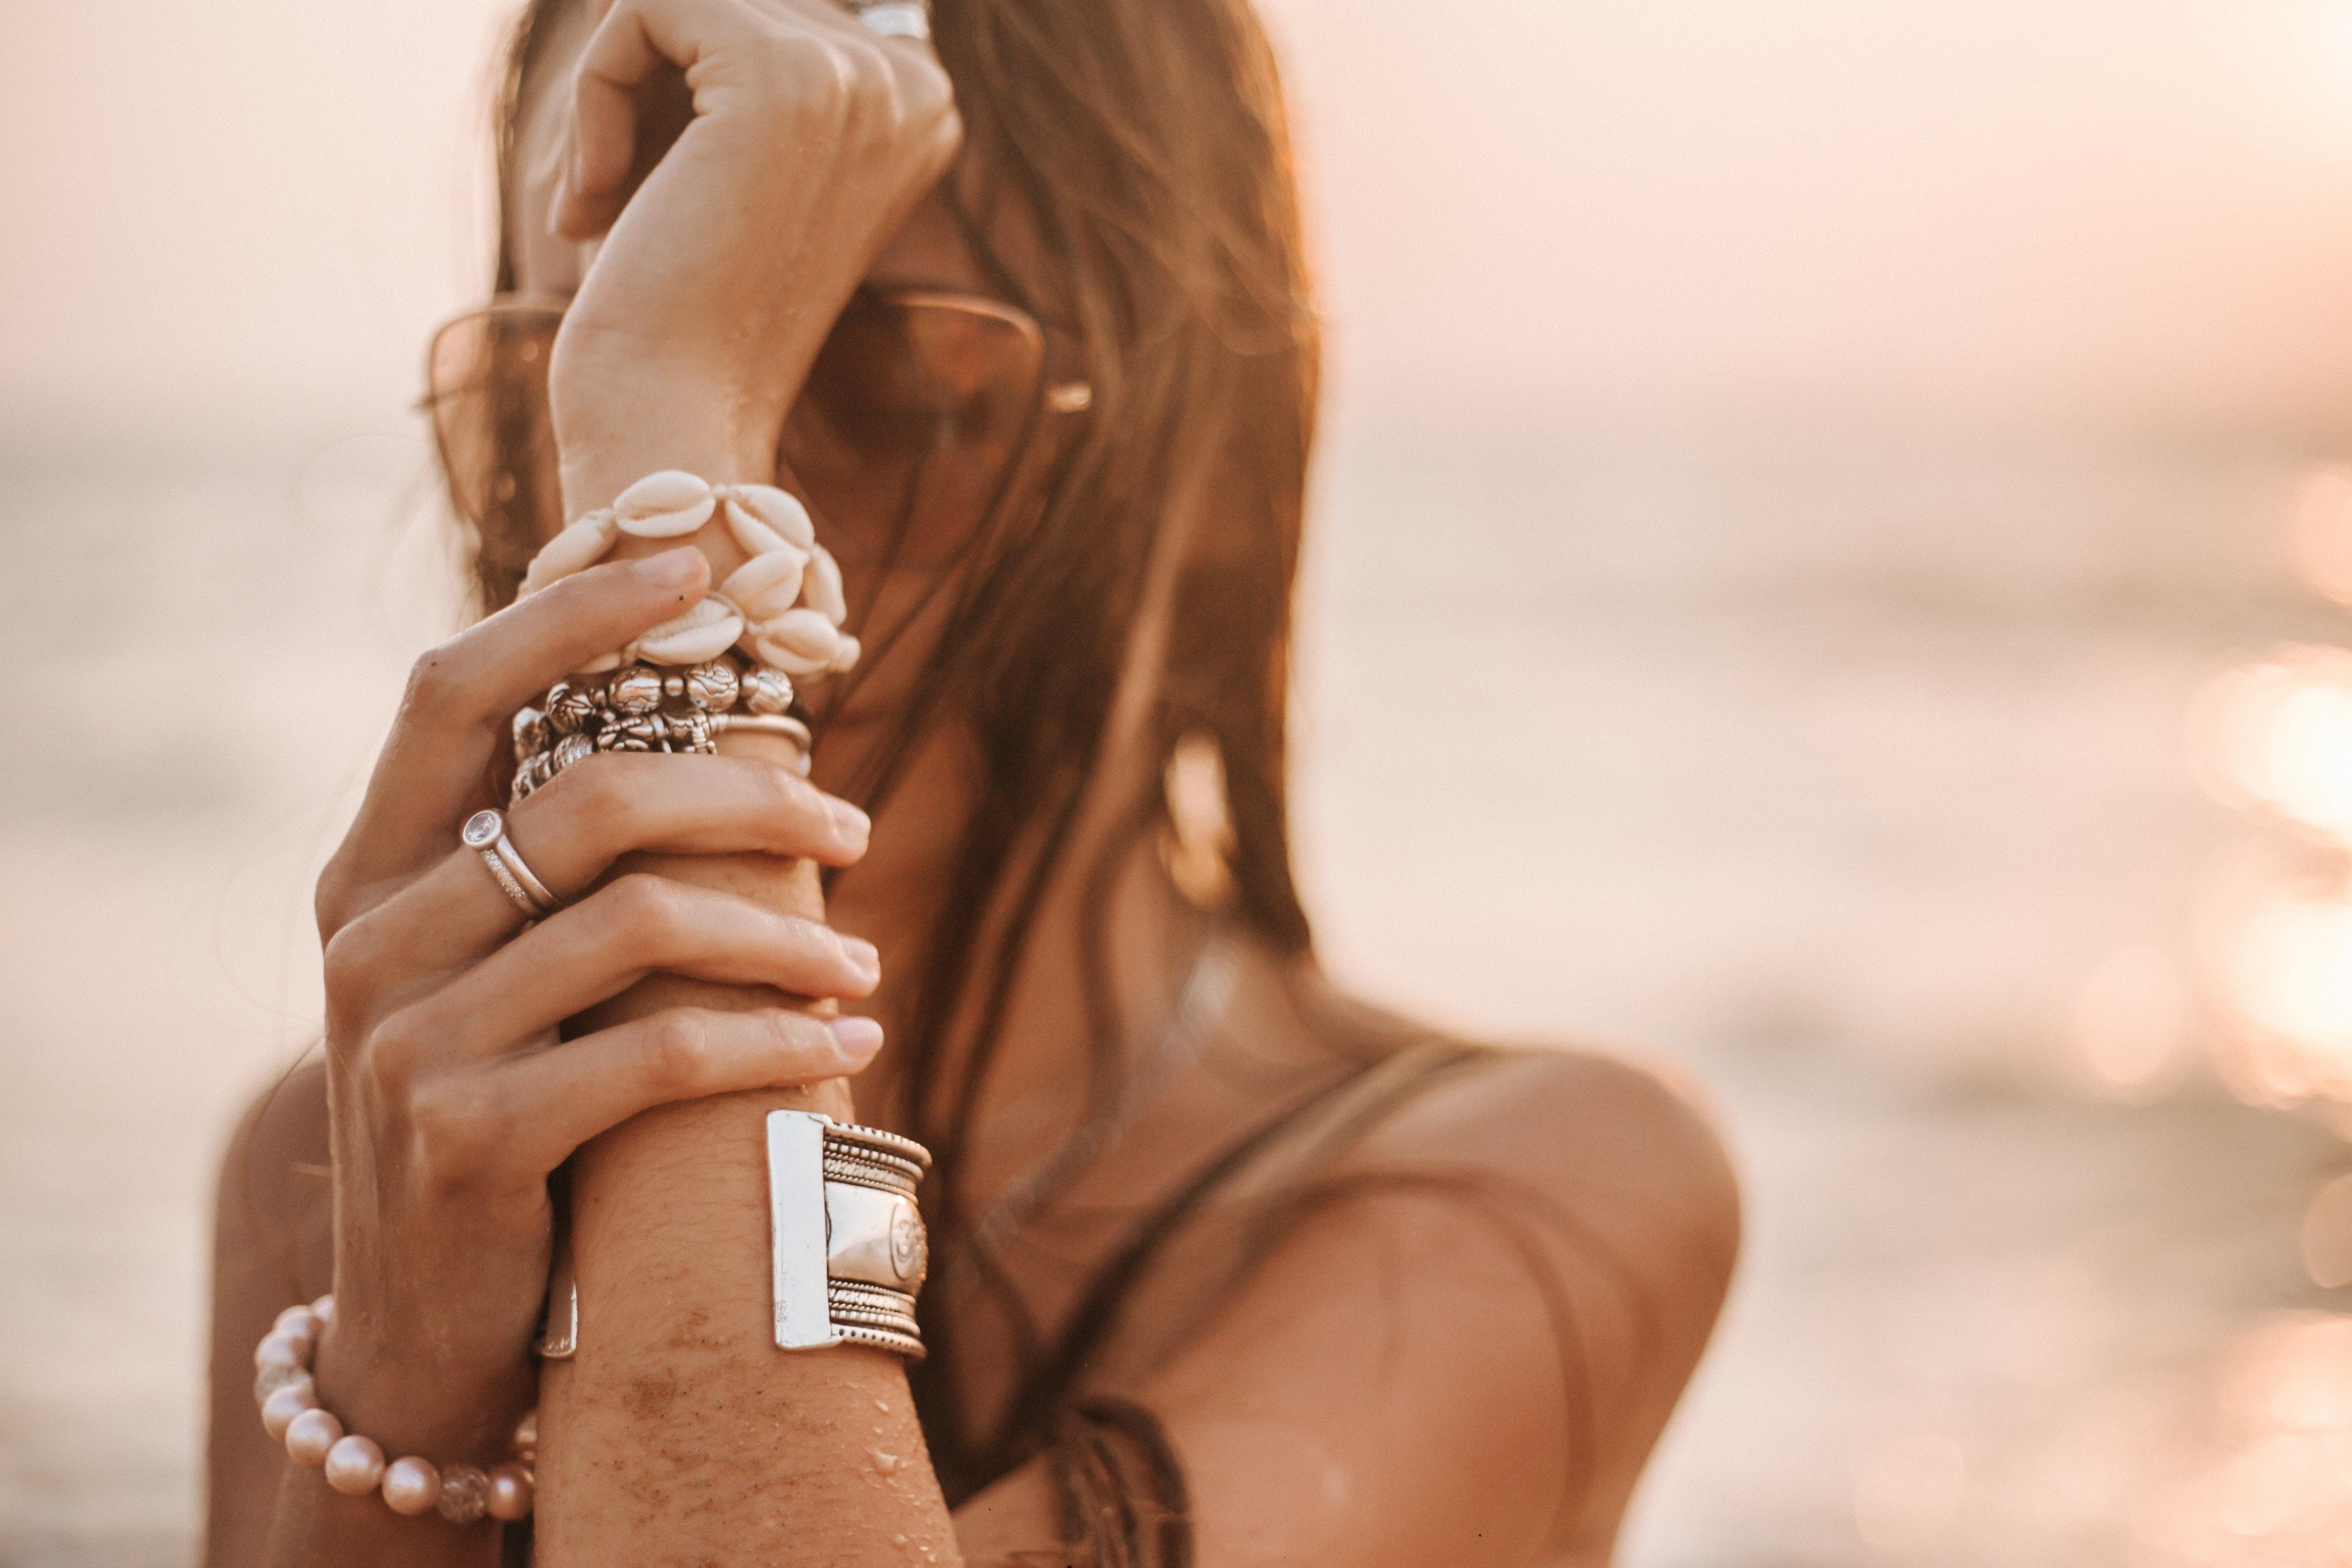 5 idei de care să ții cont atunci când îți dorești să ai o viață echilibrată cu ajutorul bijuteriilor